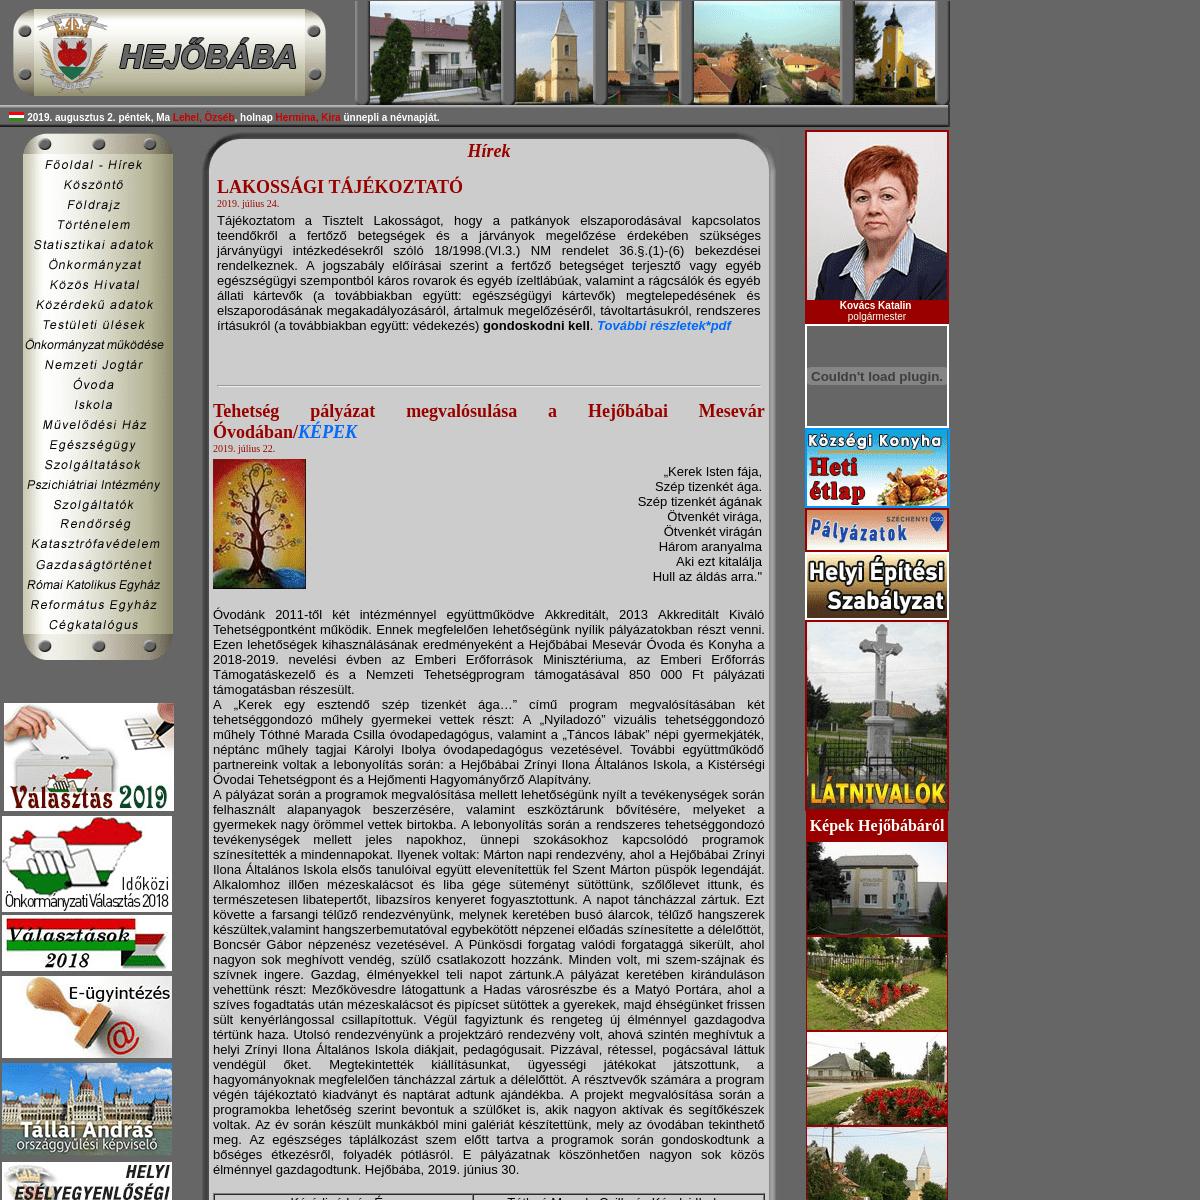 Hejőbába Község honlapja